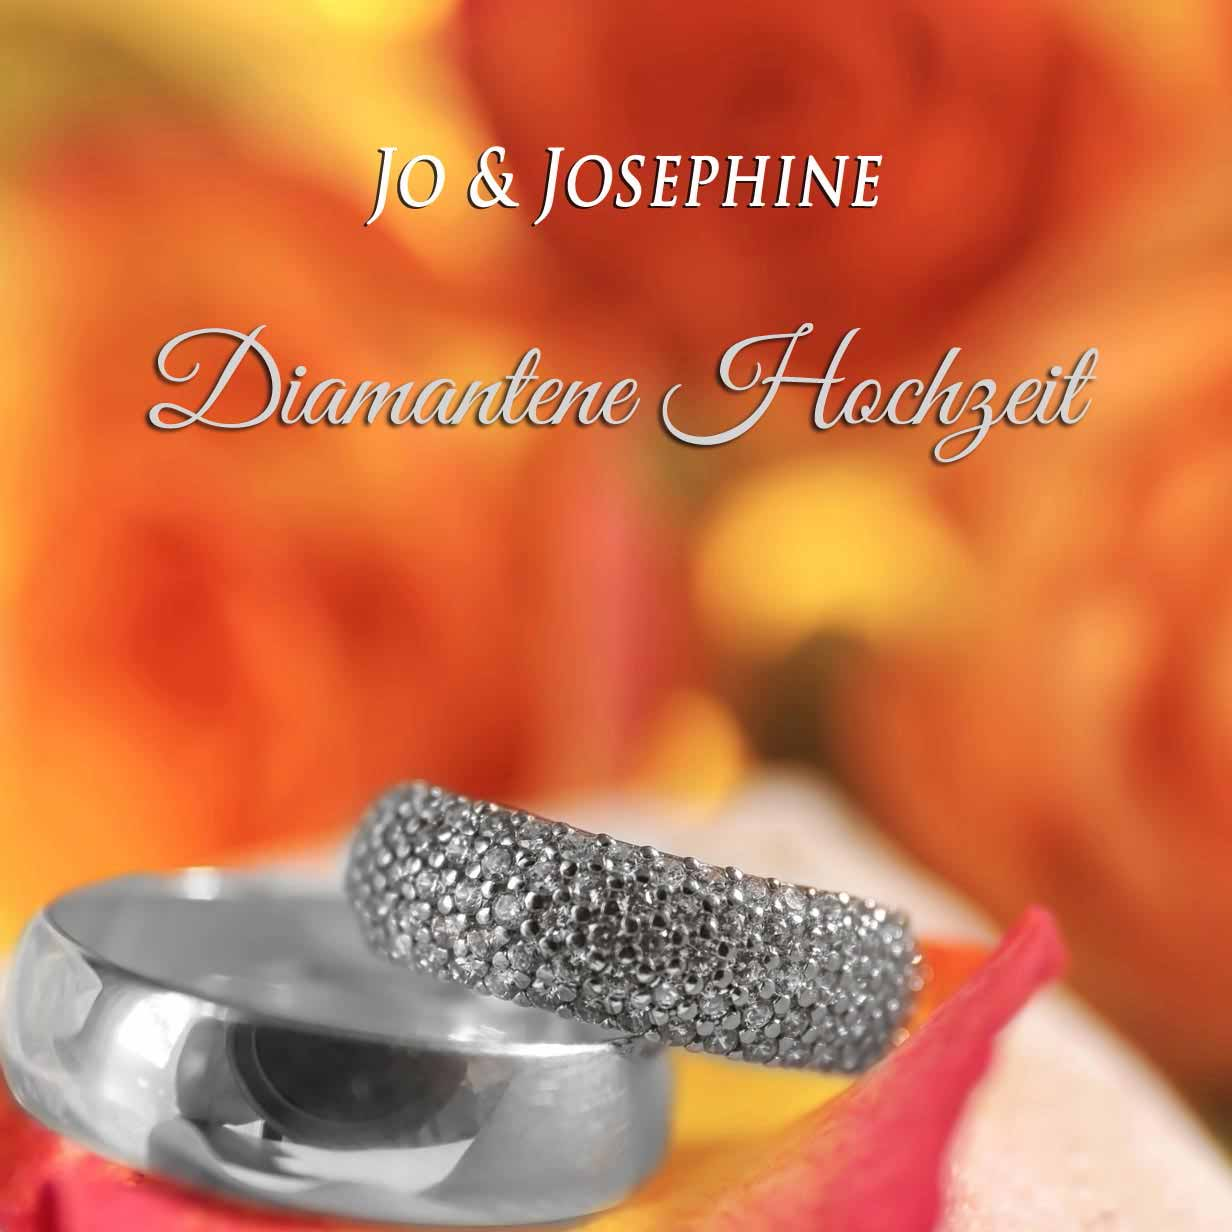 Lied Zur Diamantenen Hochzeit Archive Hochzeitsjubilaen